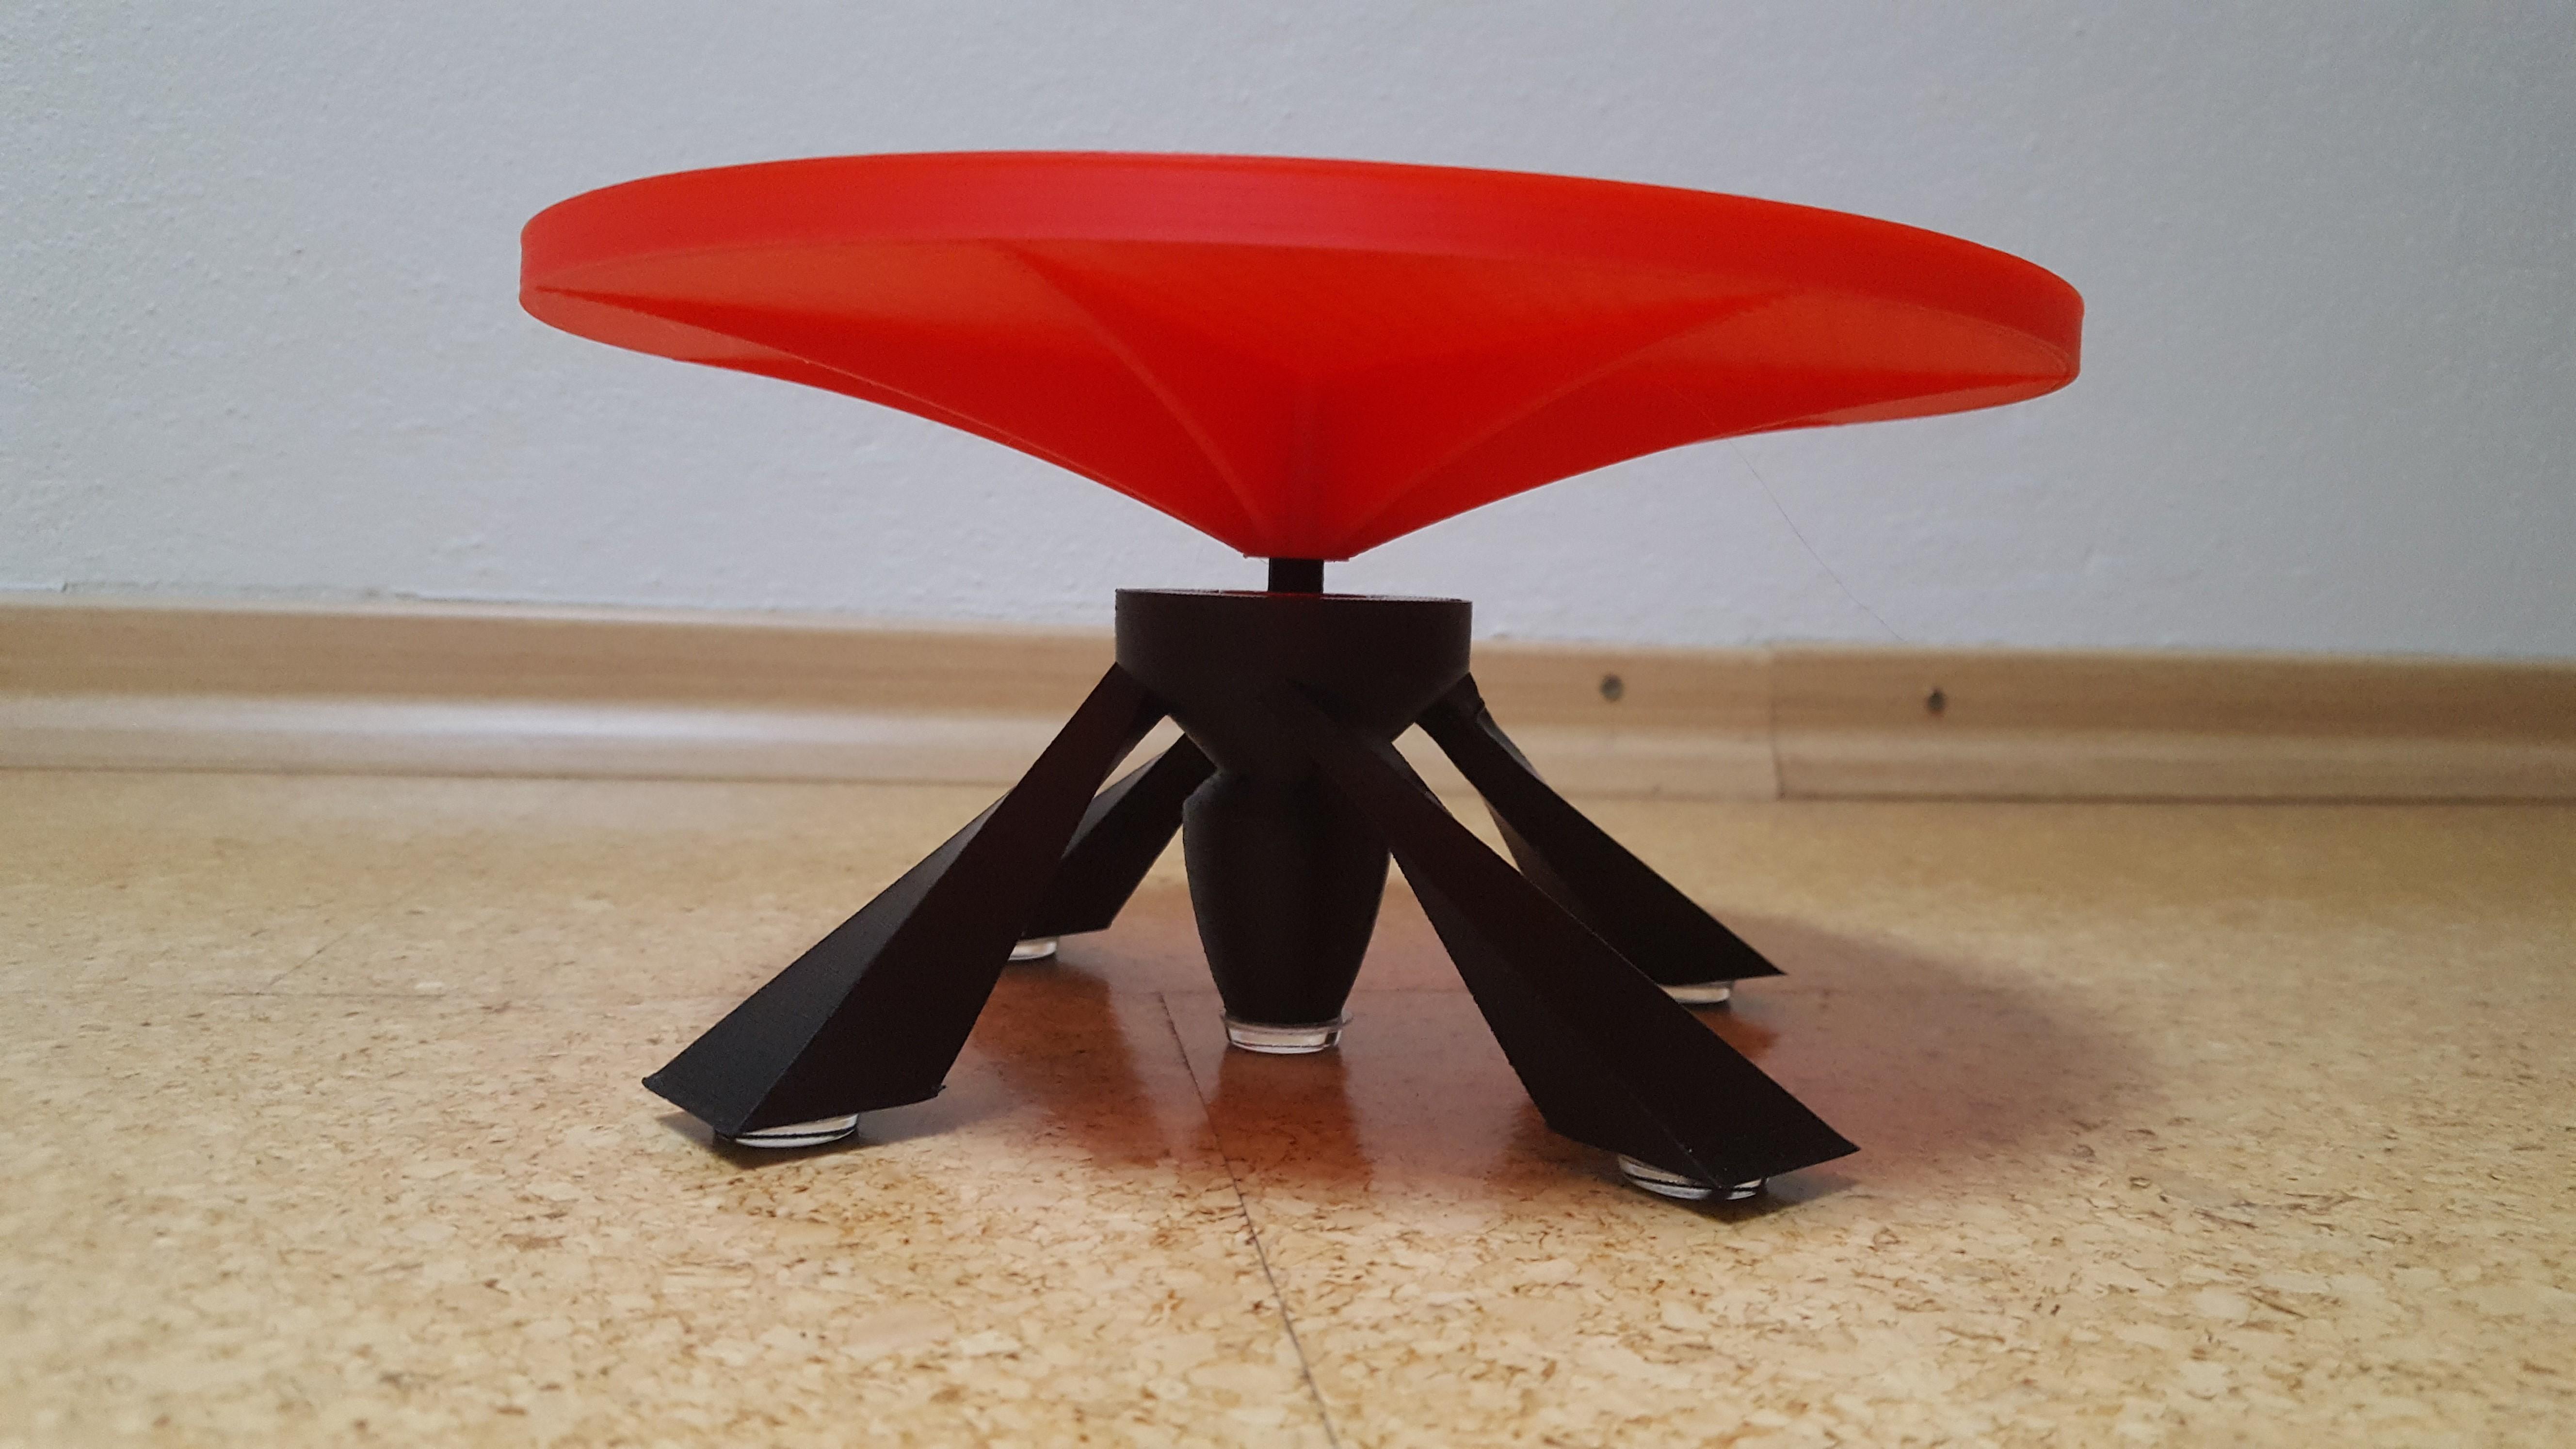 2018-05-26 18.37.01.jpg Télécharger fichier STL gratuit Table tournante • Plan pour impression 3D, StefanP